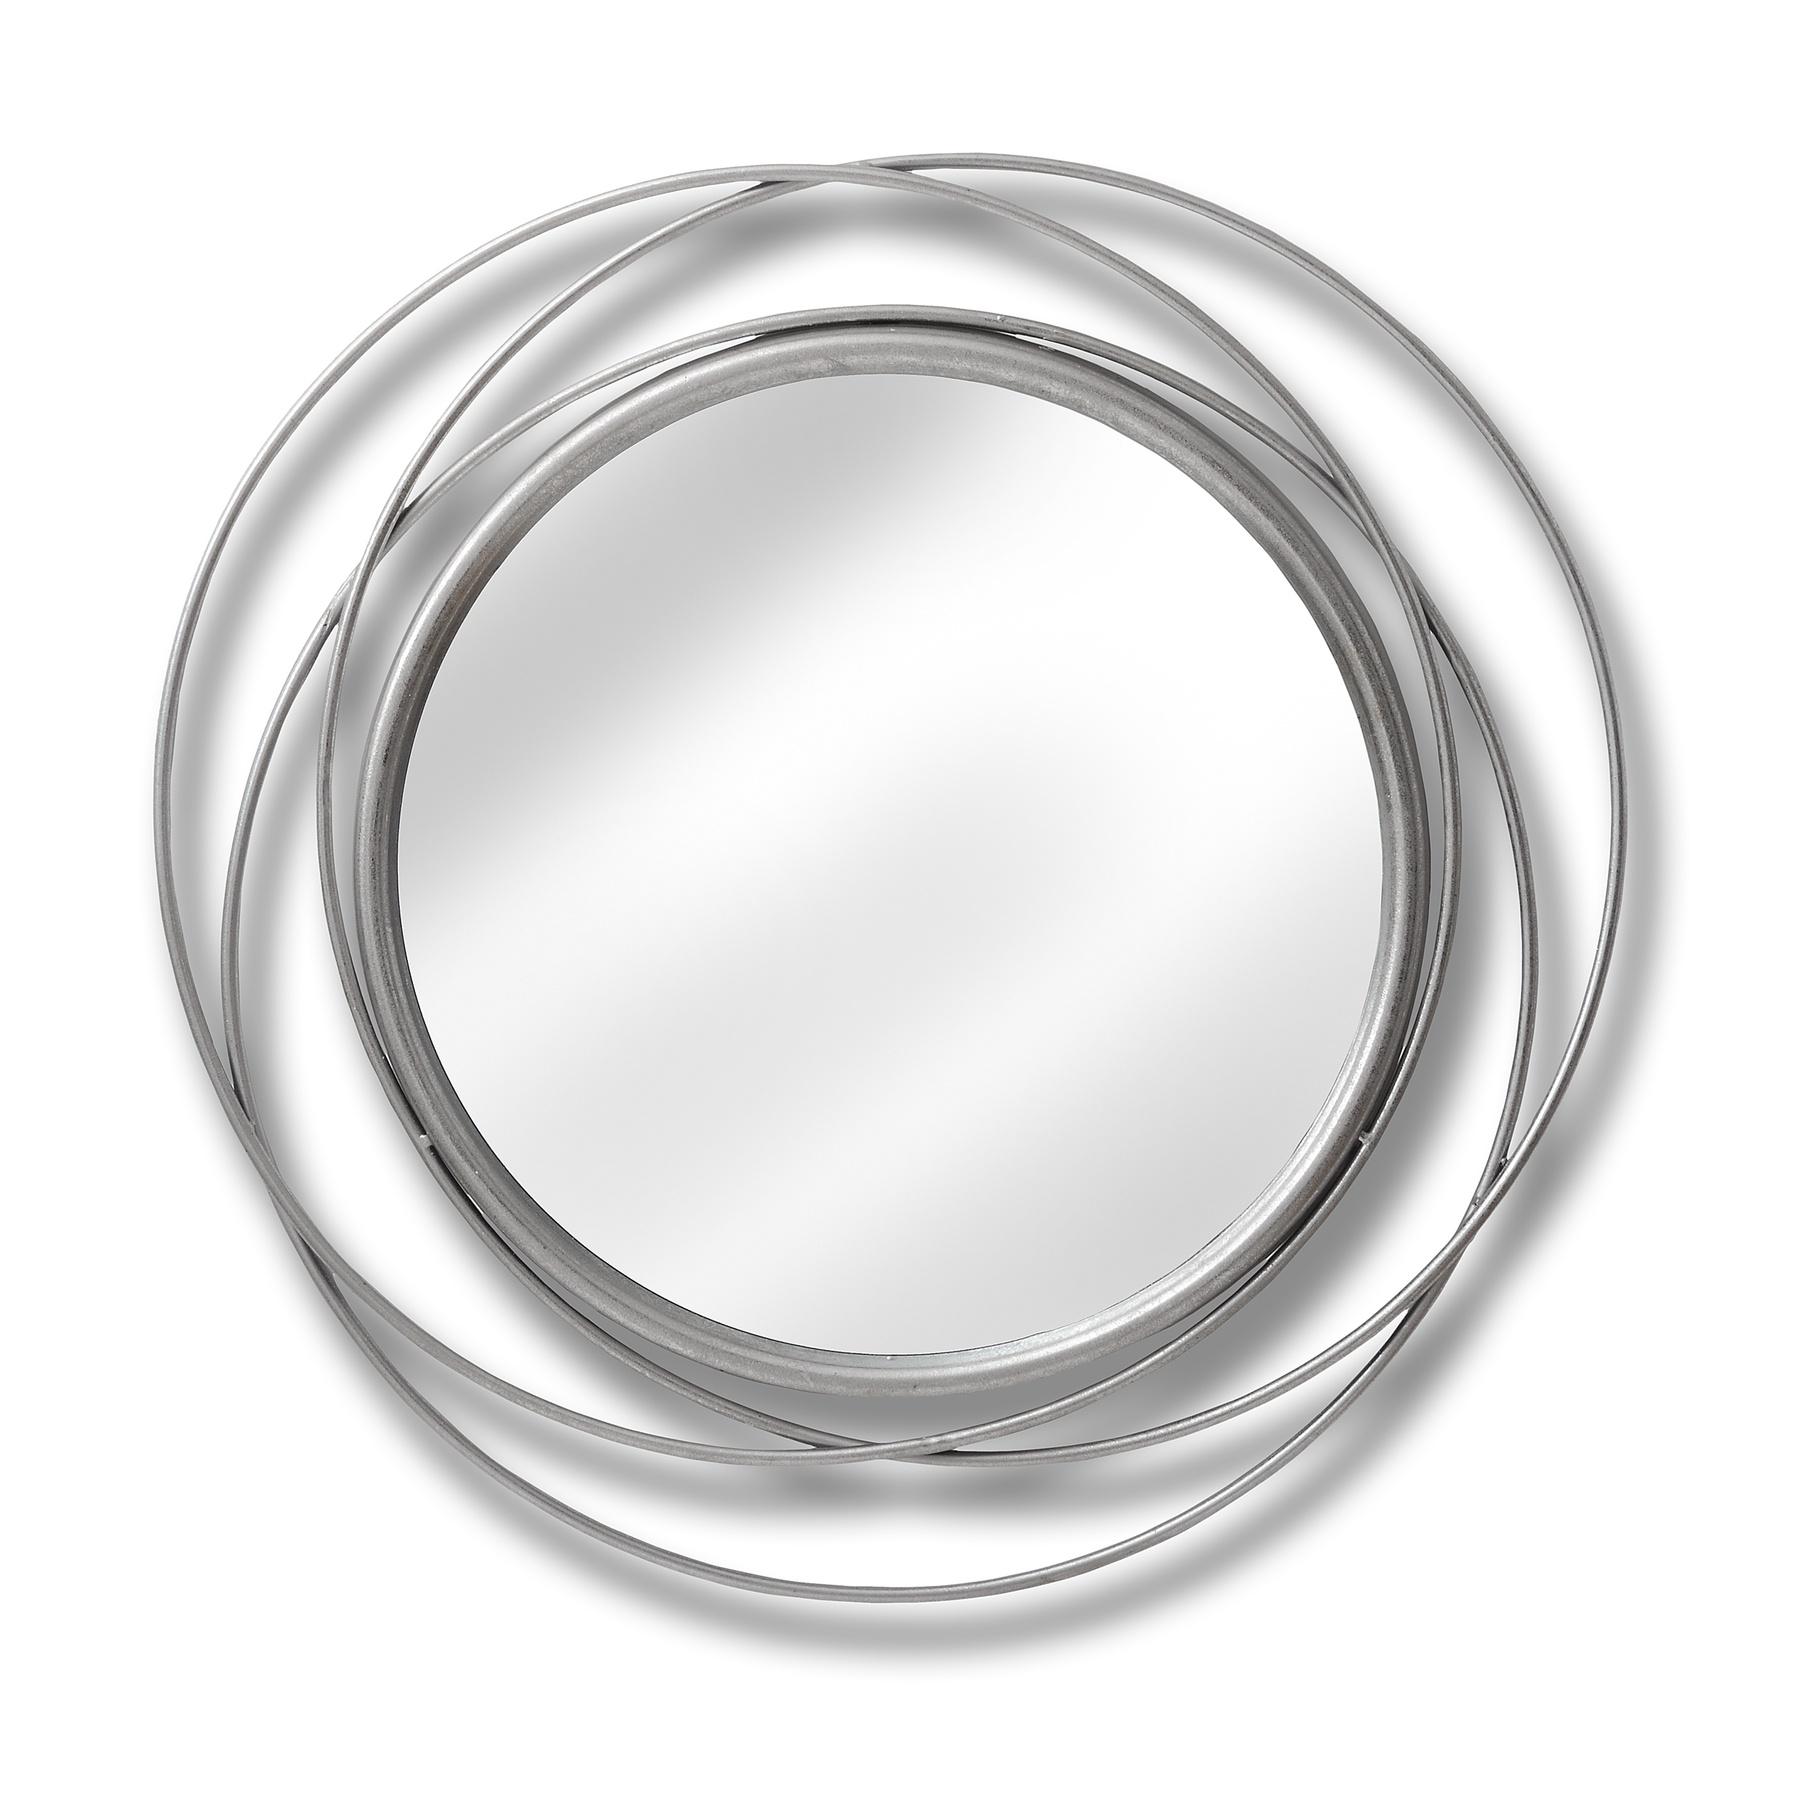 Silver Circled Wall Art Mirror